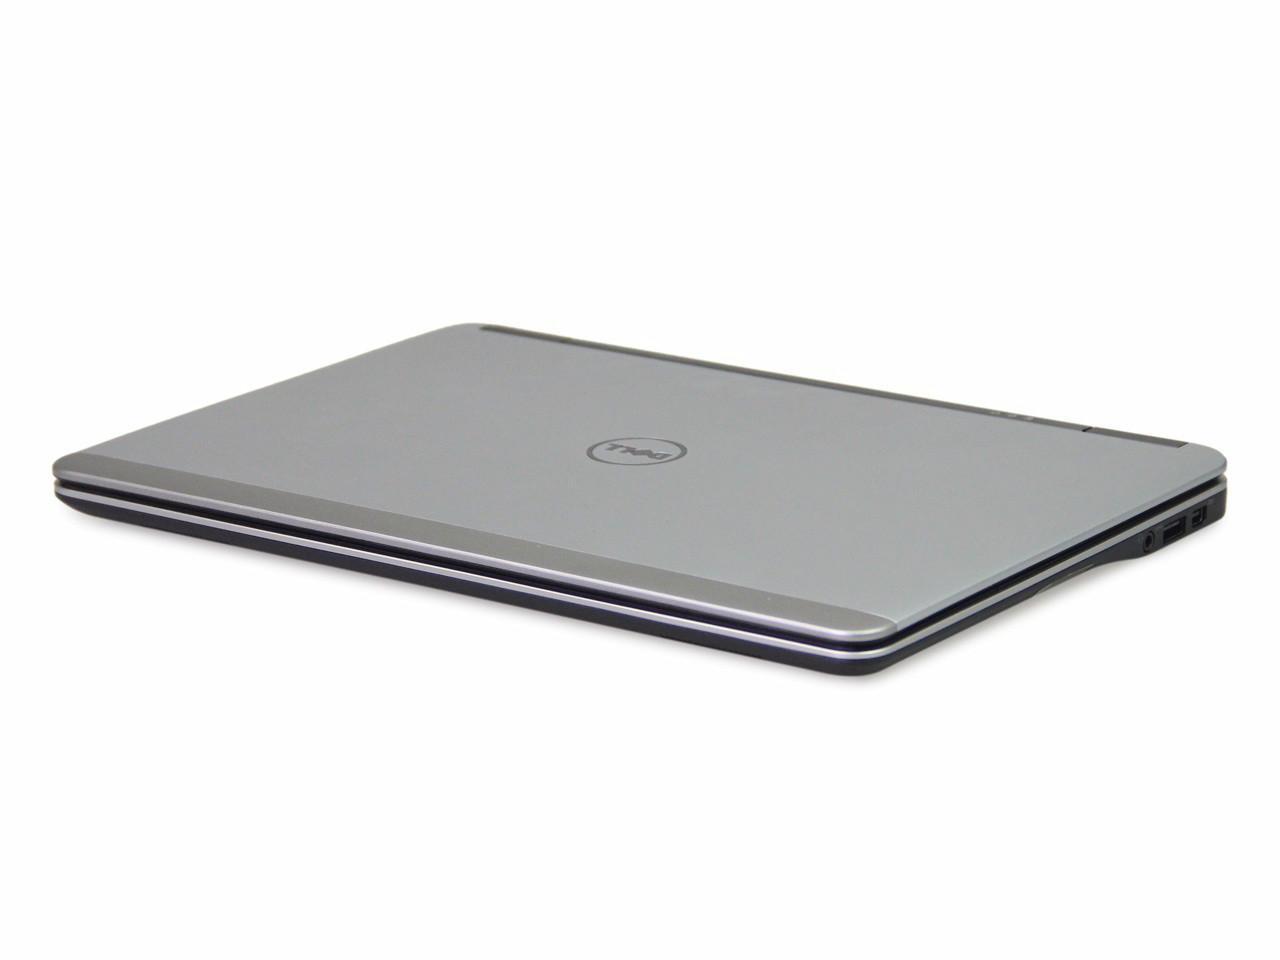 Laptop Dell Cao Cấp Latitude E7240 Cảm Ứng (i7-4600U, 12.5inch, 16GB, SSD 120GB) + Bộ Quà Tặng - Hàng Nhập Khẩu